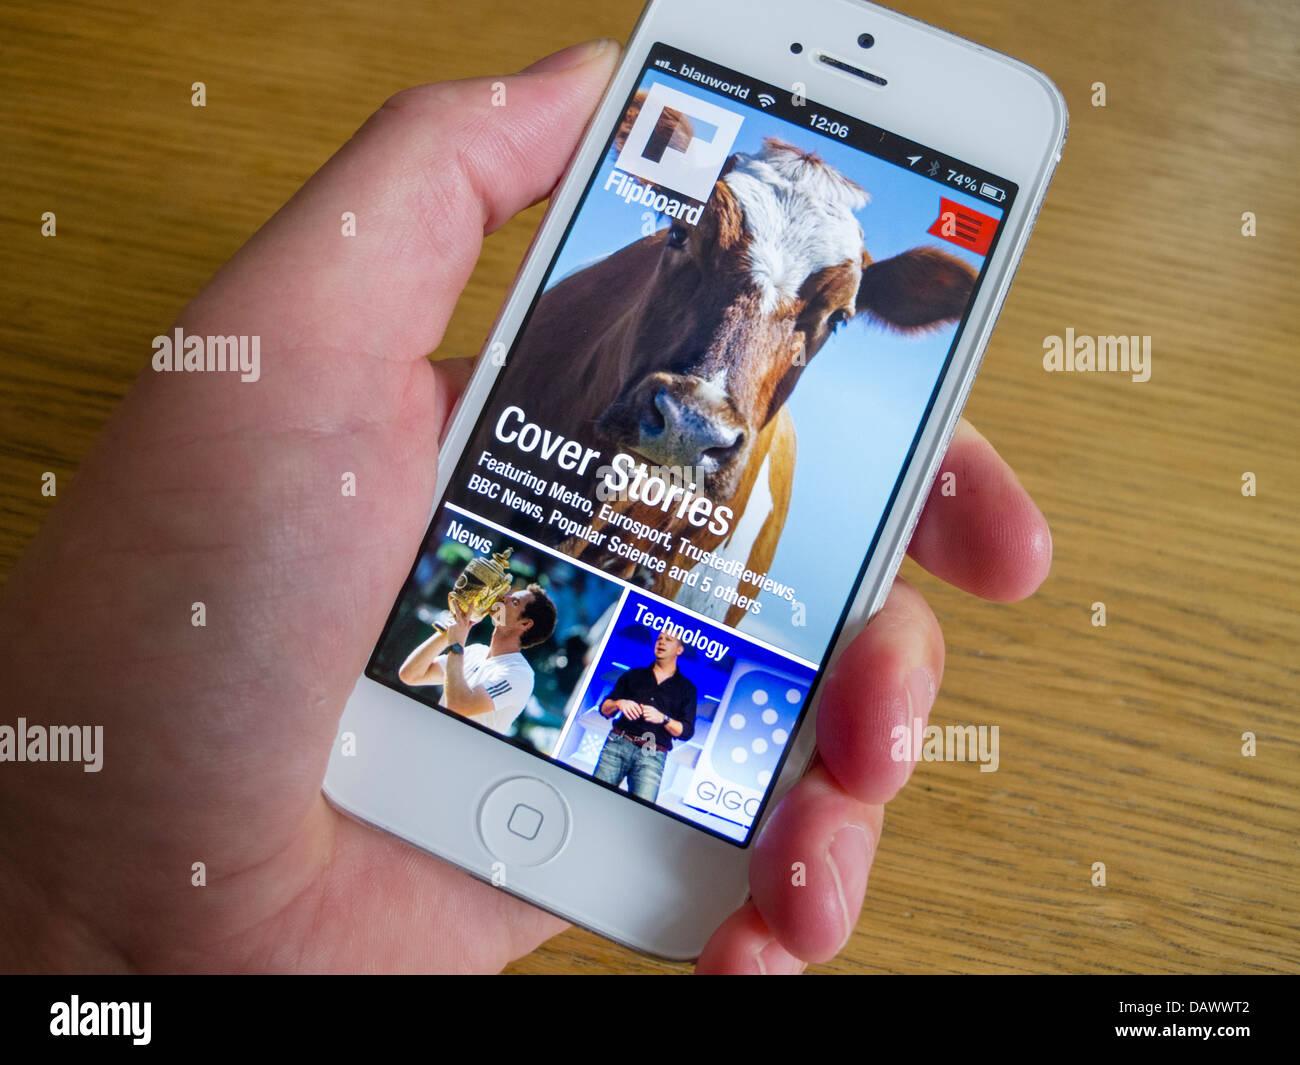 Los medios sociales Flipboard app en blanco iPhone 5 smartphone Imagen De Stock